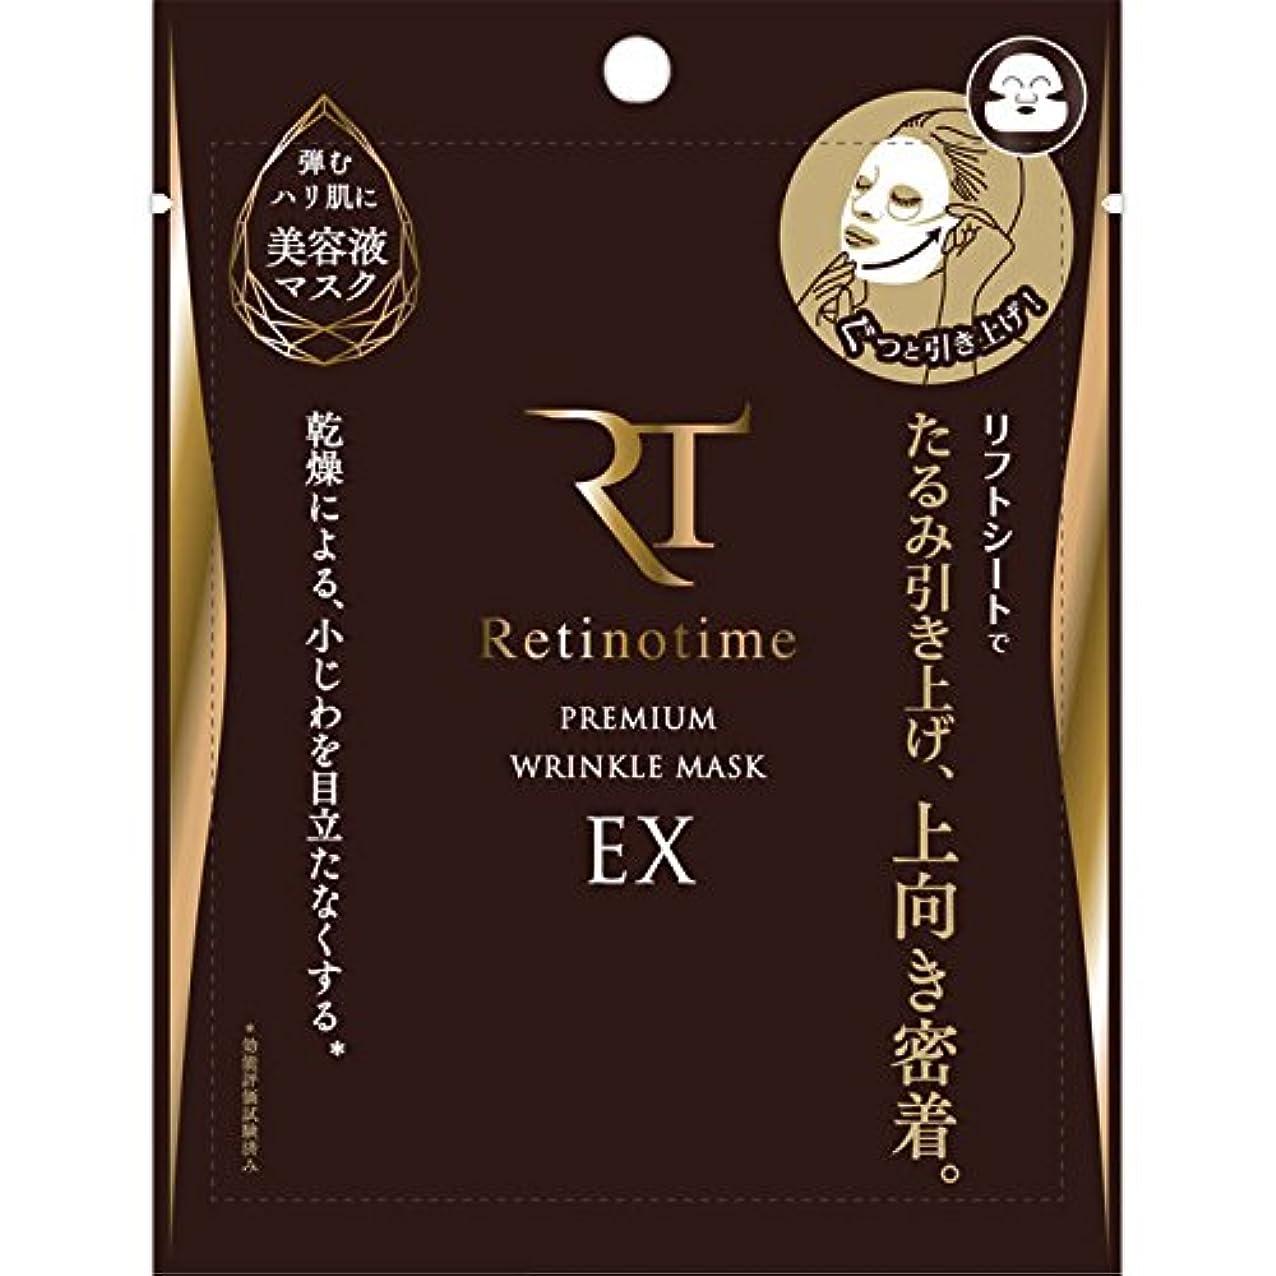 覚醒フライカイト修復レチノタイム プレミアムリンクルマスク EX 1枚【26ml】